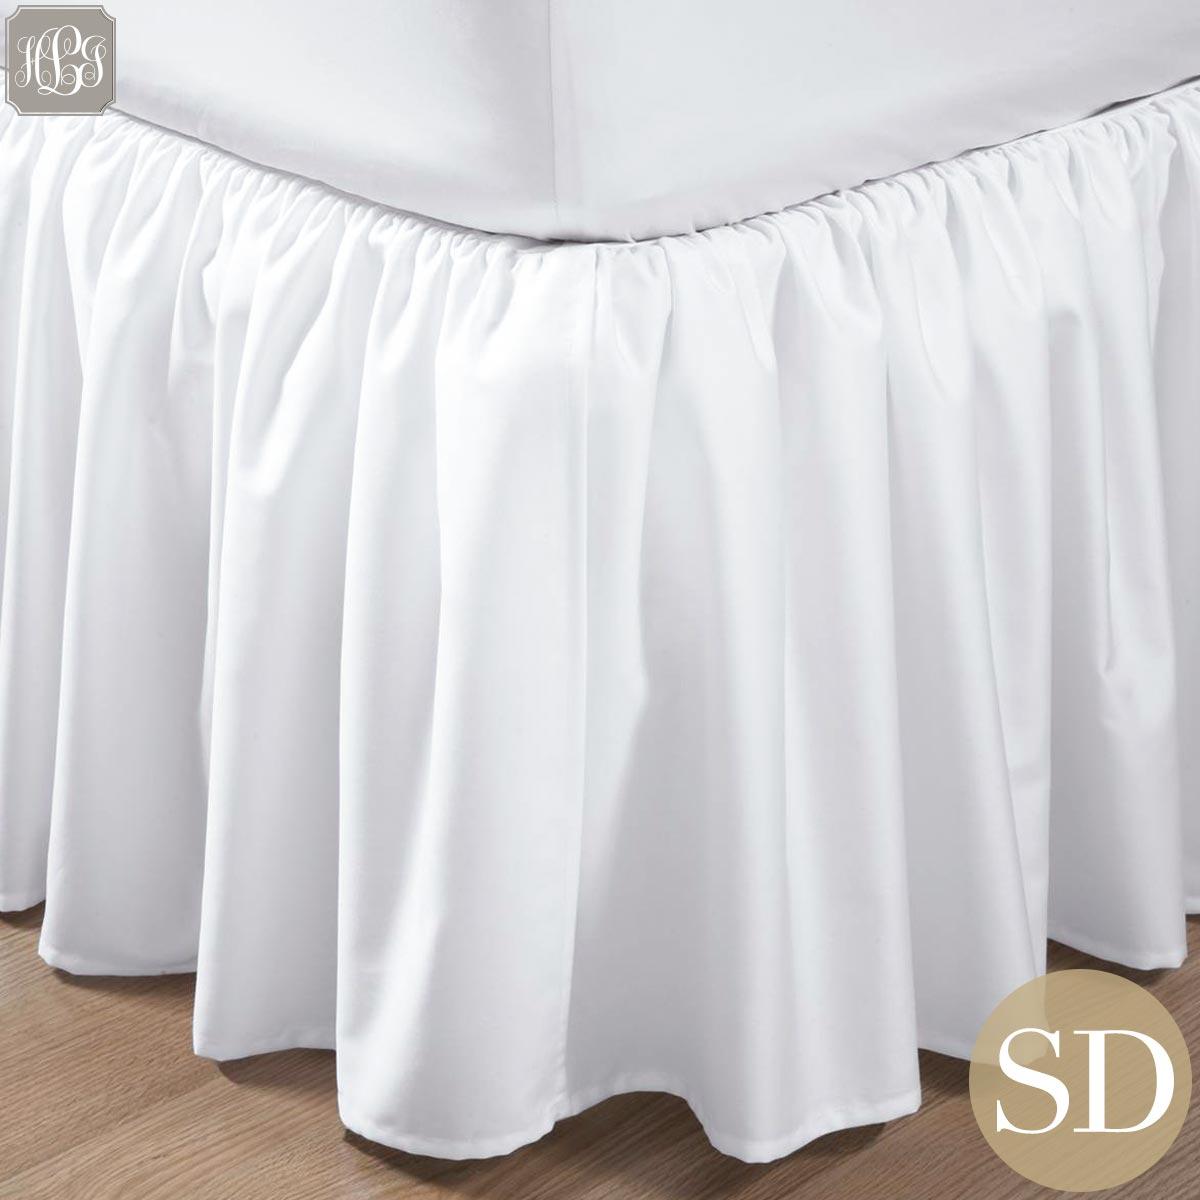 ベッドスカート | セミダブル | 120cm x200cm | 高さ25cm | 400TC ギャザードベッドスカート 送料無料